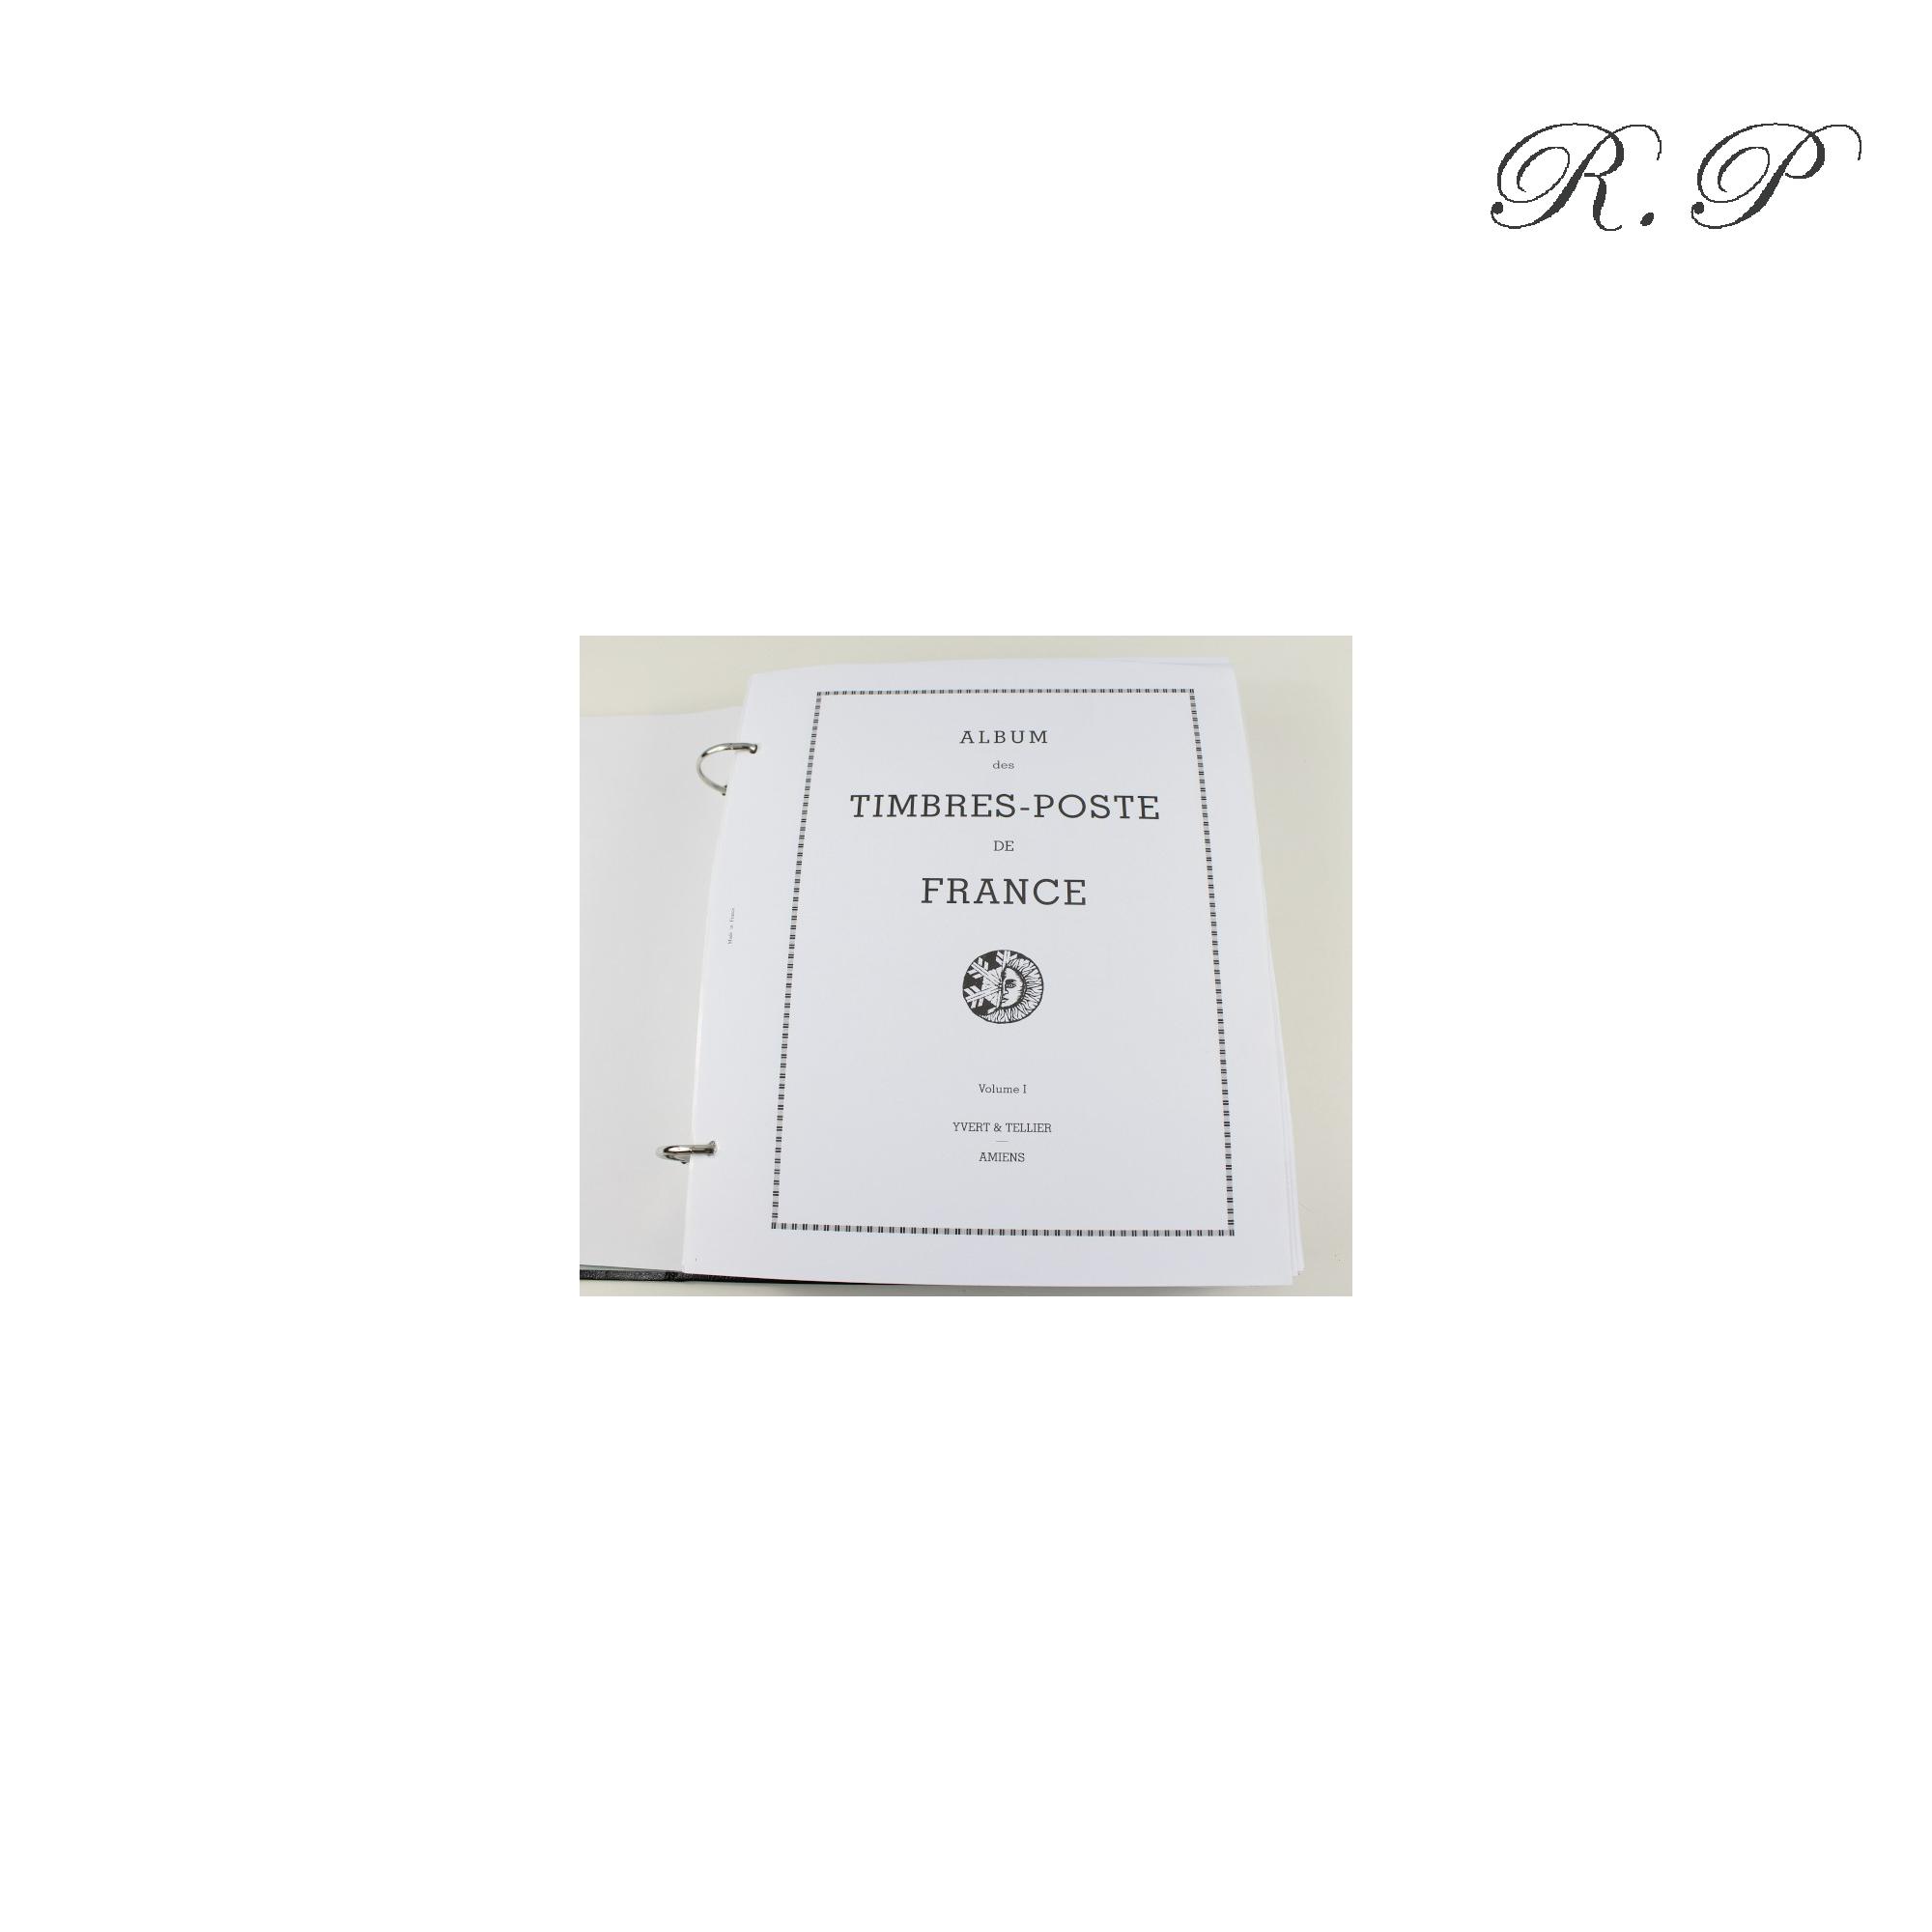 ALBUM YVERT ET TELLIER 1849-1969 TIMBRES DE FRANCE N°1